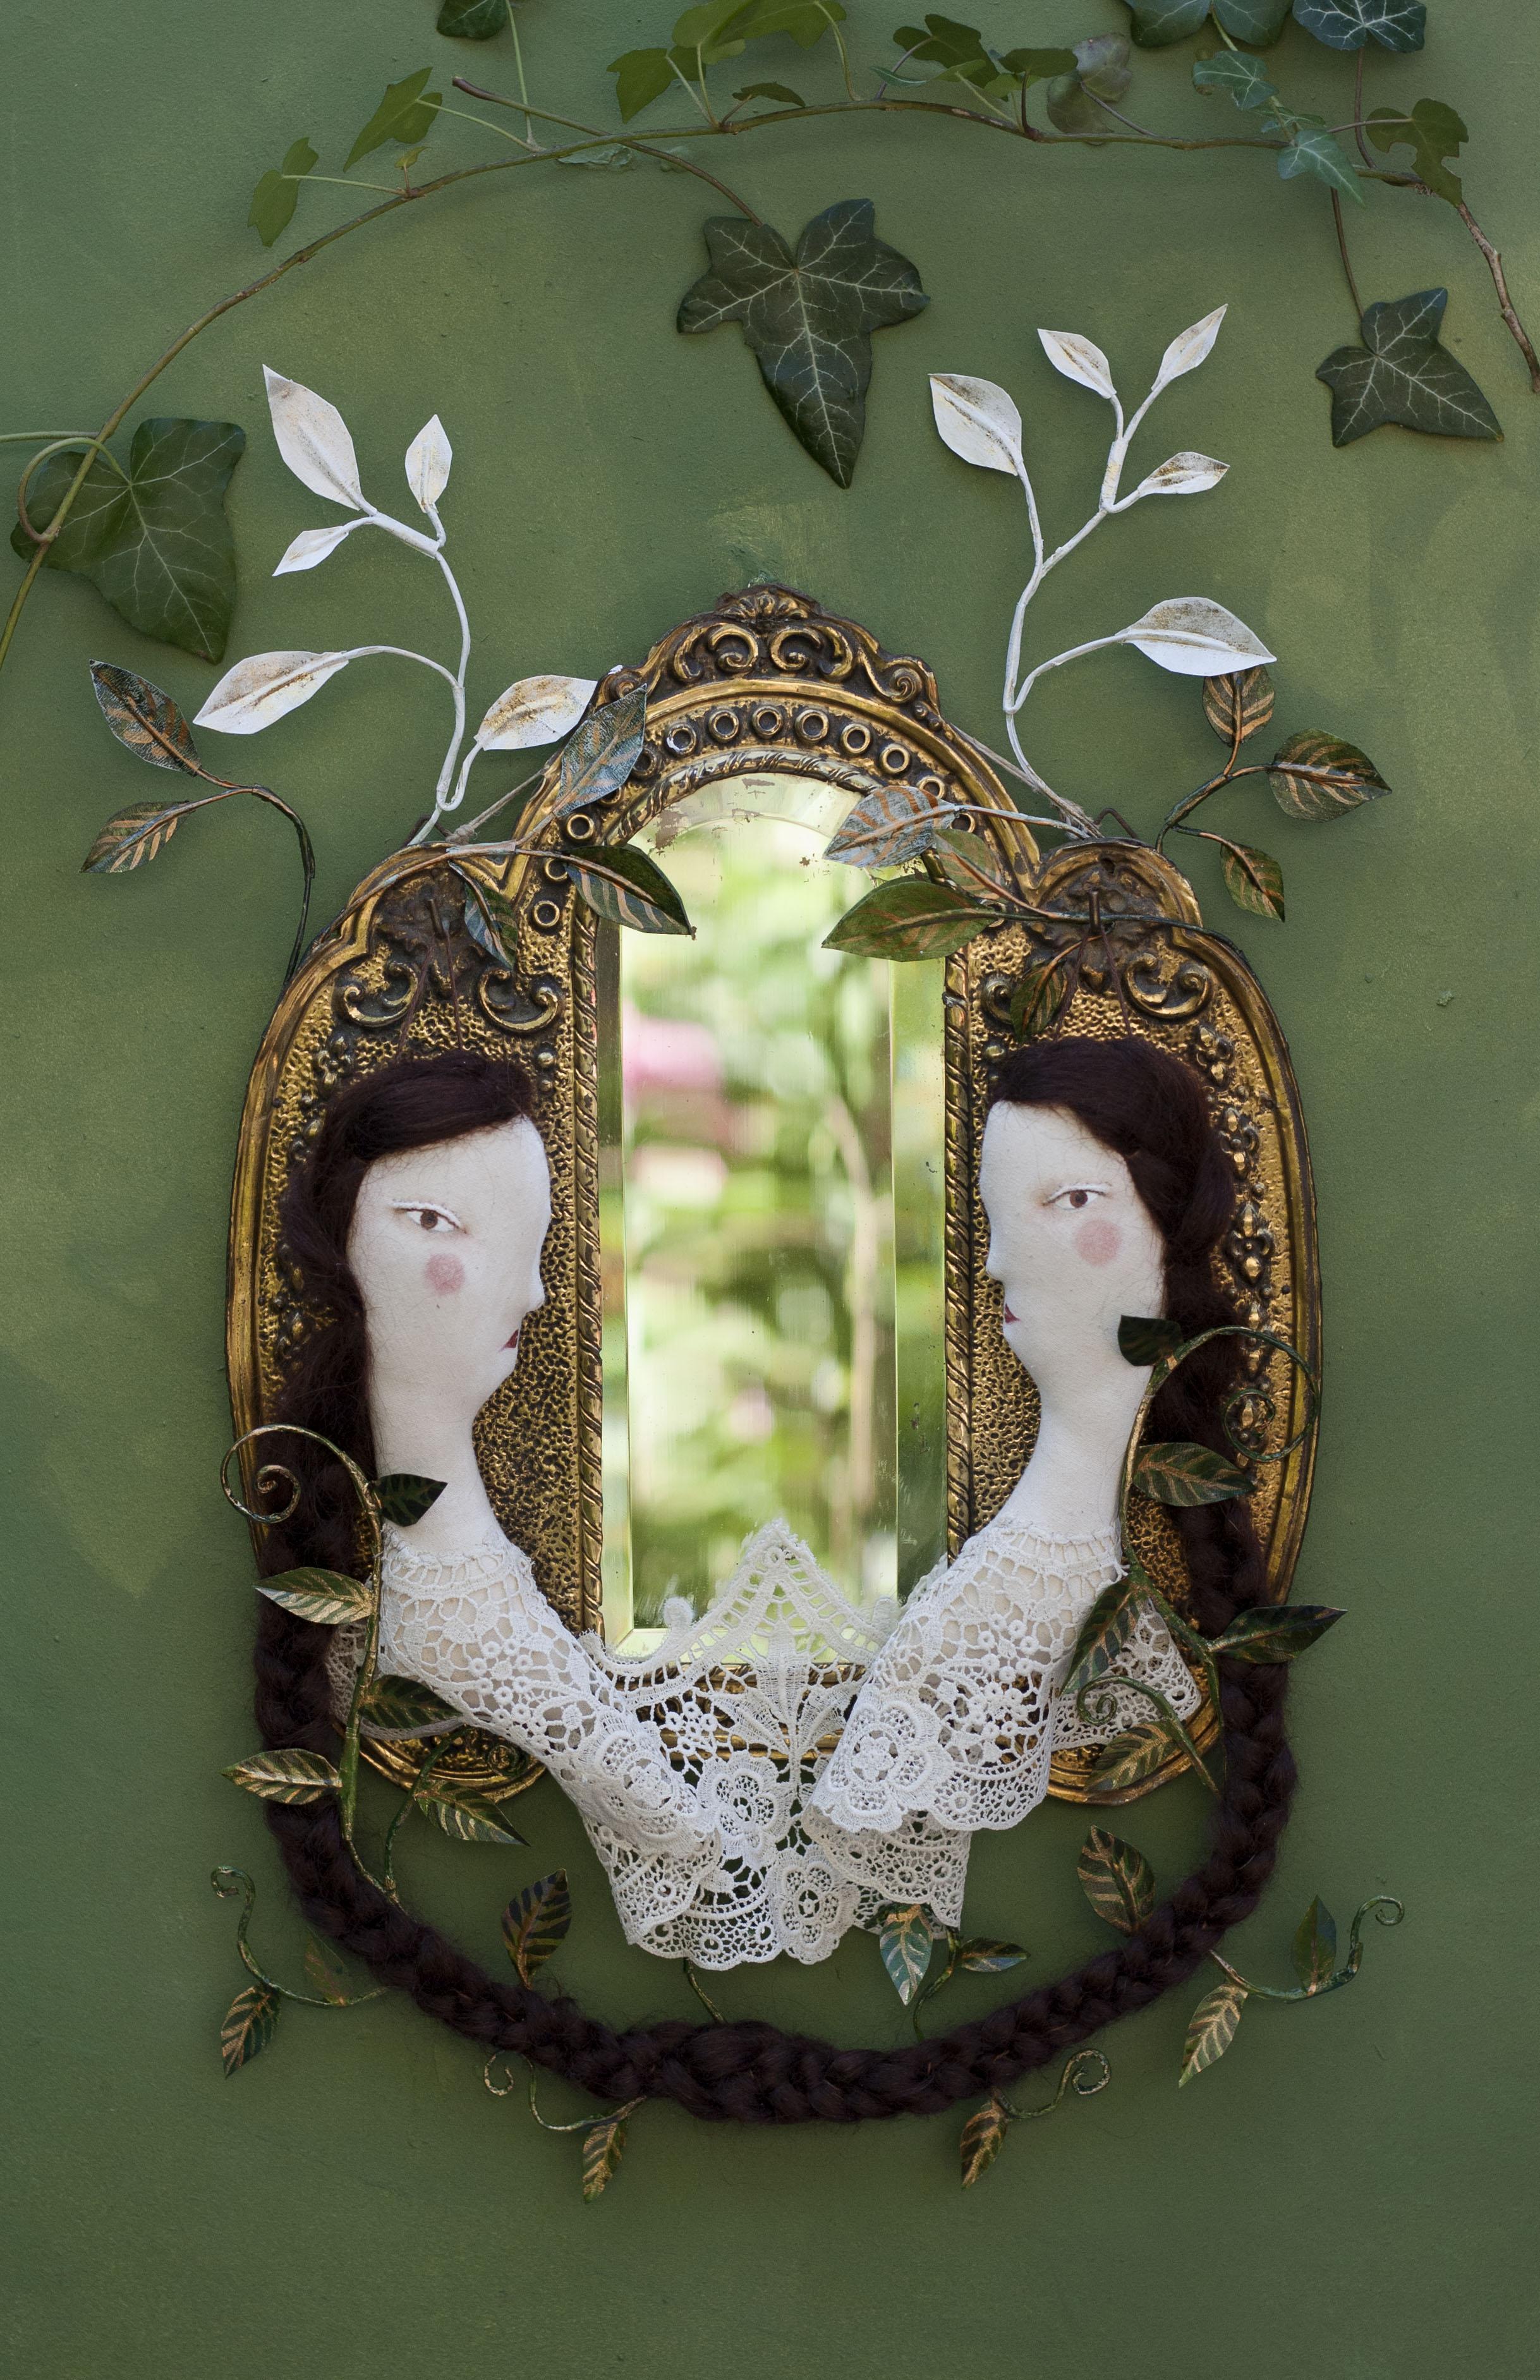 contemporary fairytale art